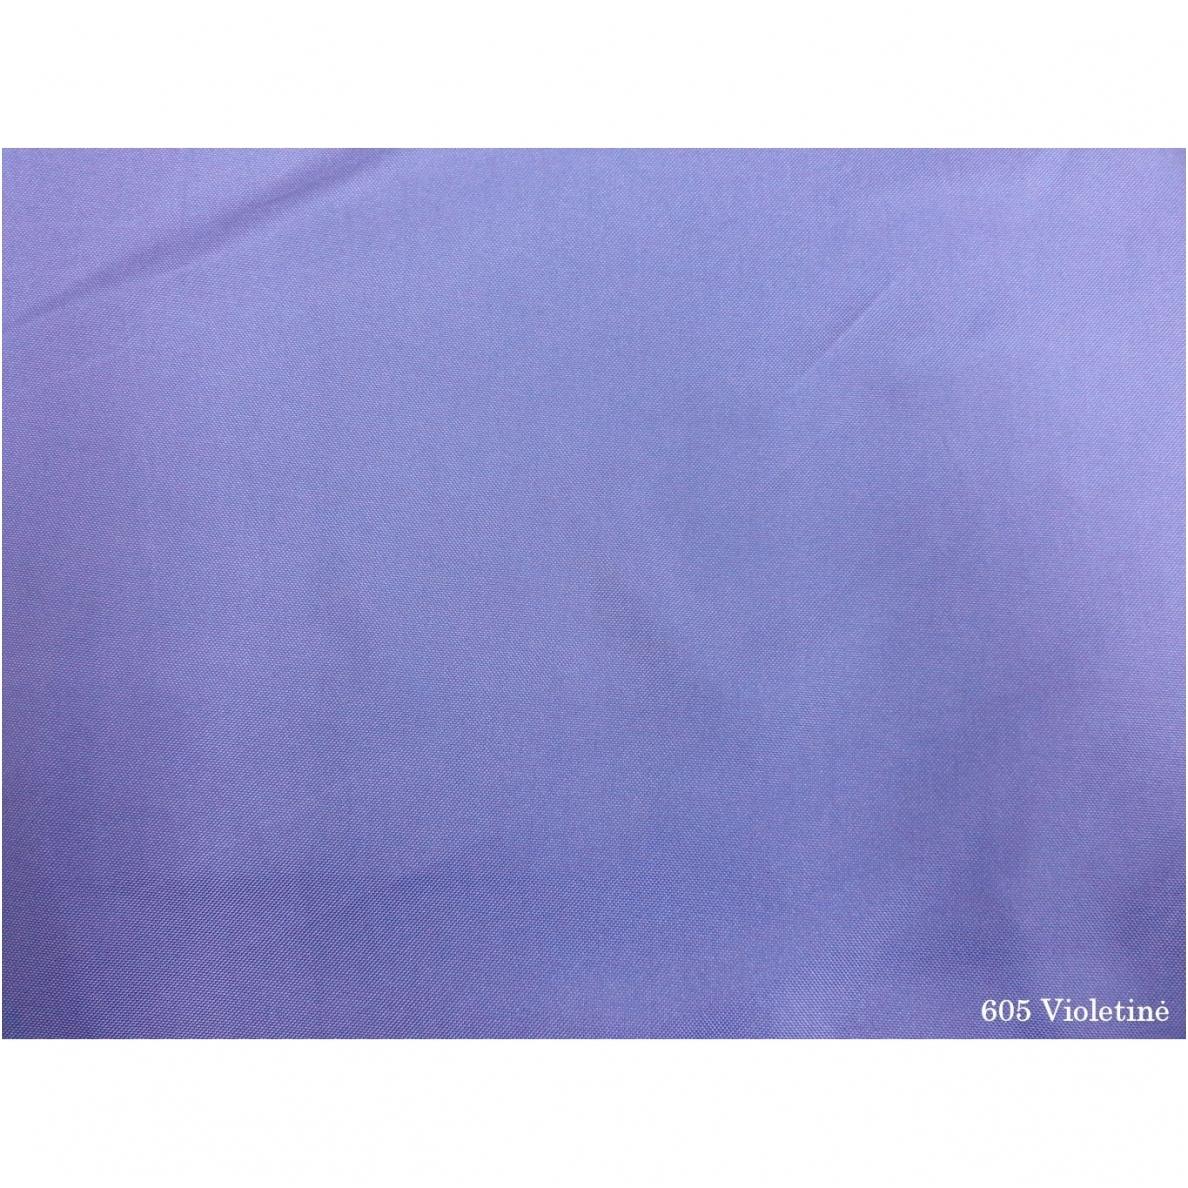 605 Violetinė